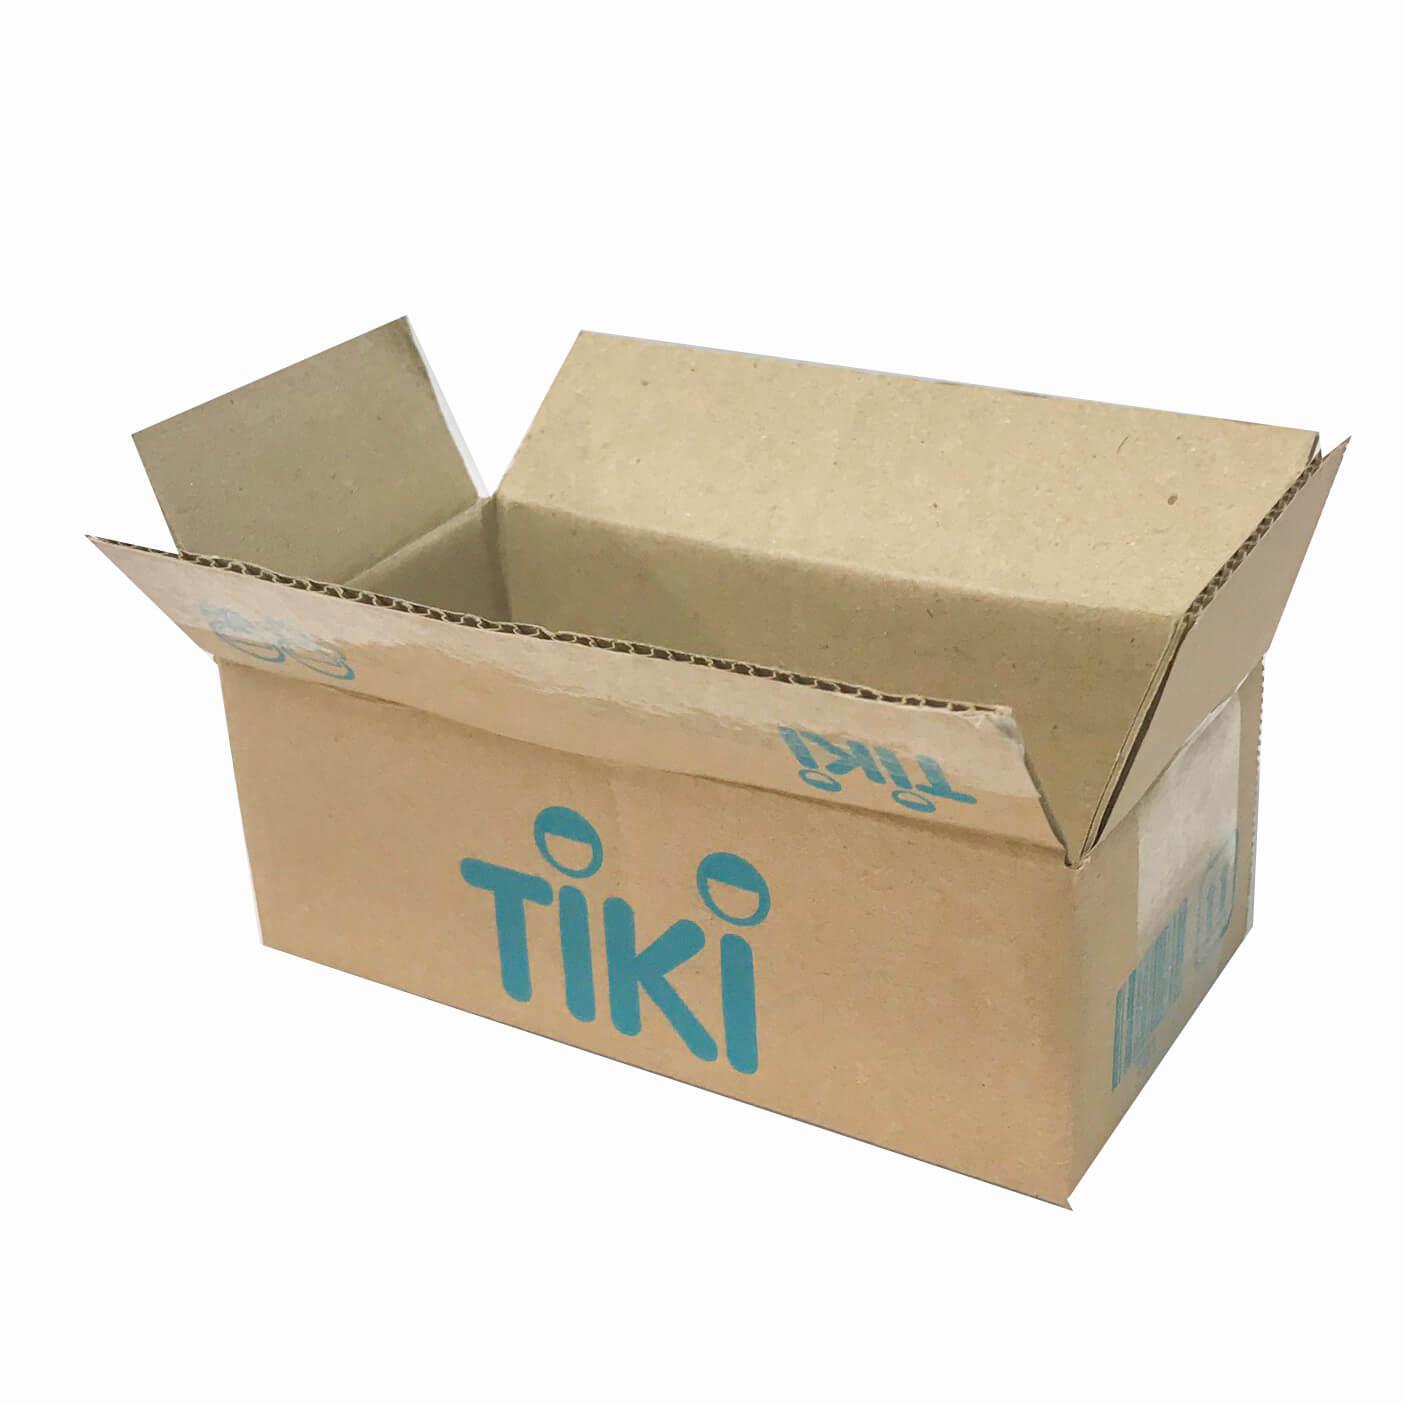 In thùng carton 3 lớp tiki